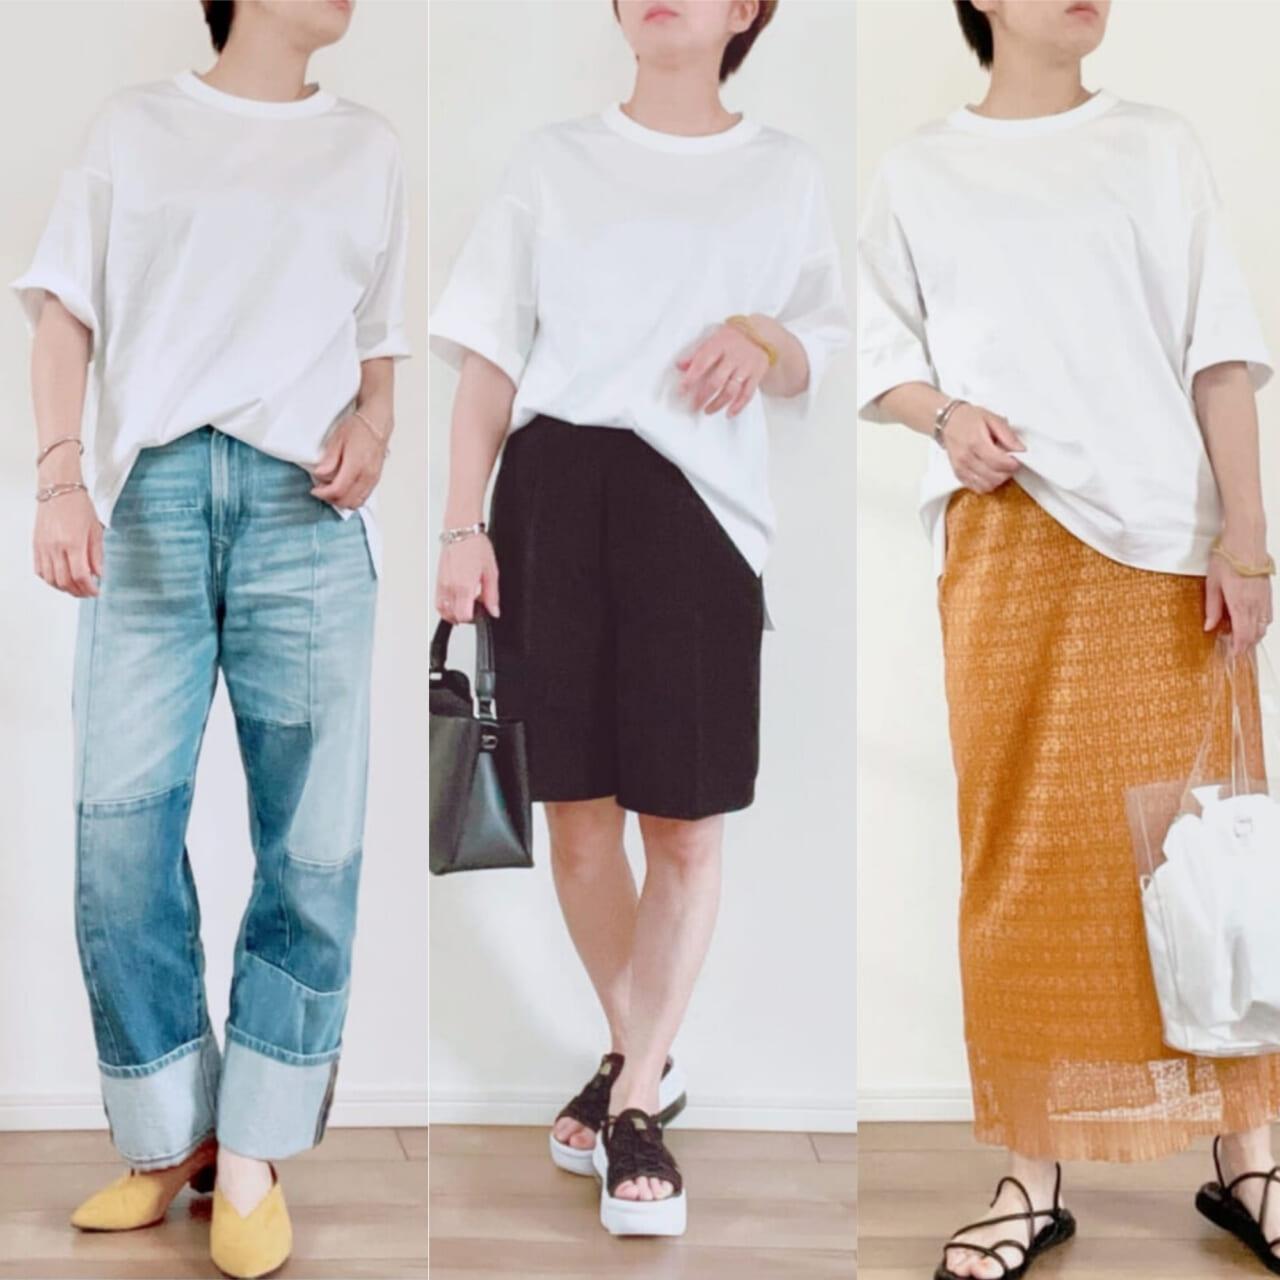 夏のデイリーコーデに必須ユニクロ+j絶品白tシャツ